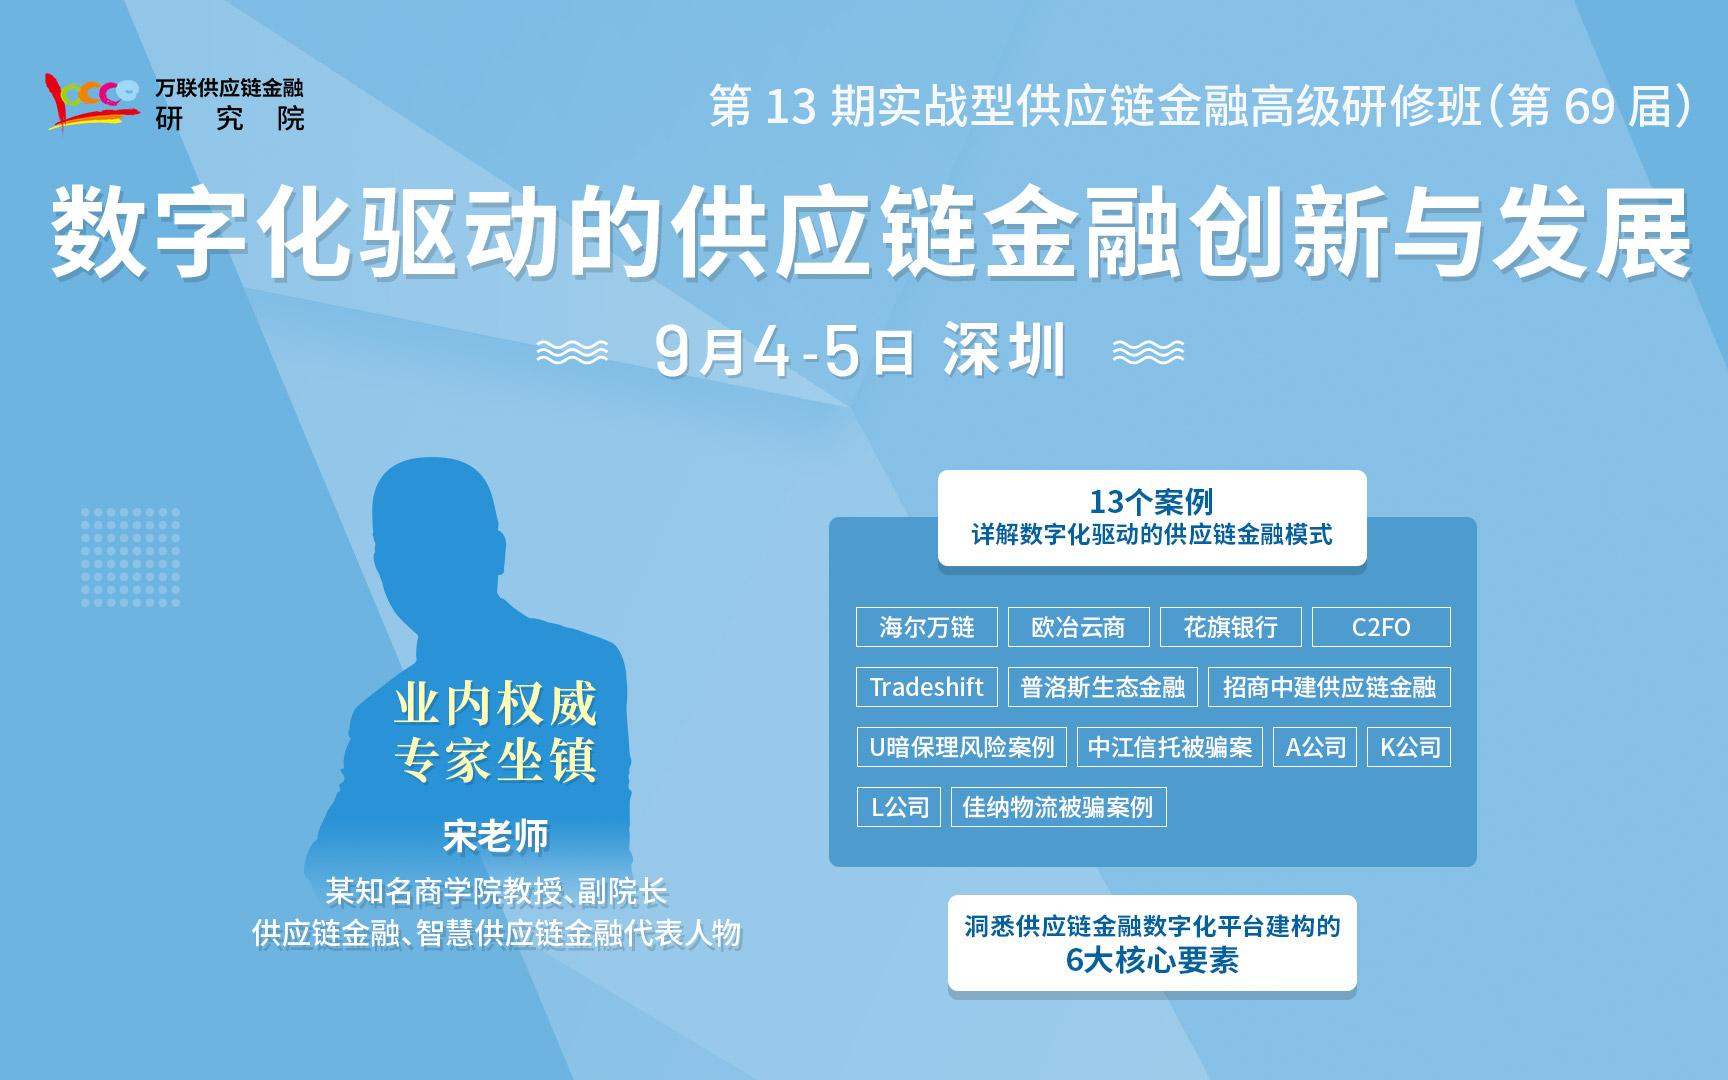 【深圳 9月课程】数字化驱动的供应链金融创新与发展